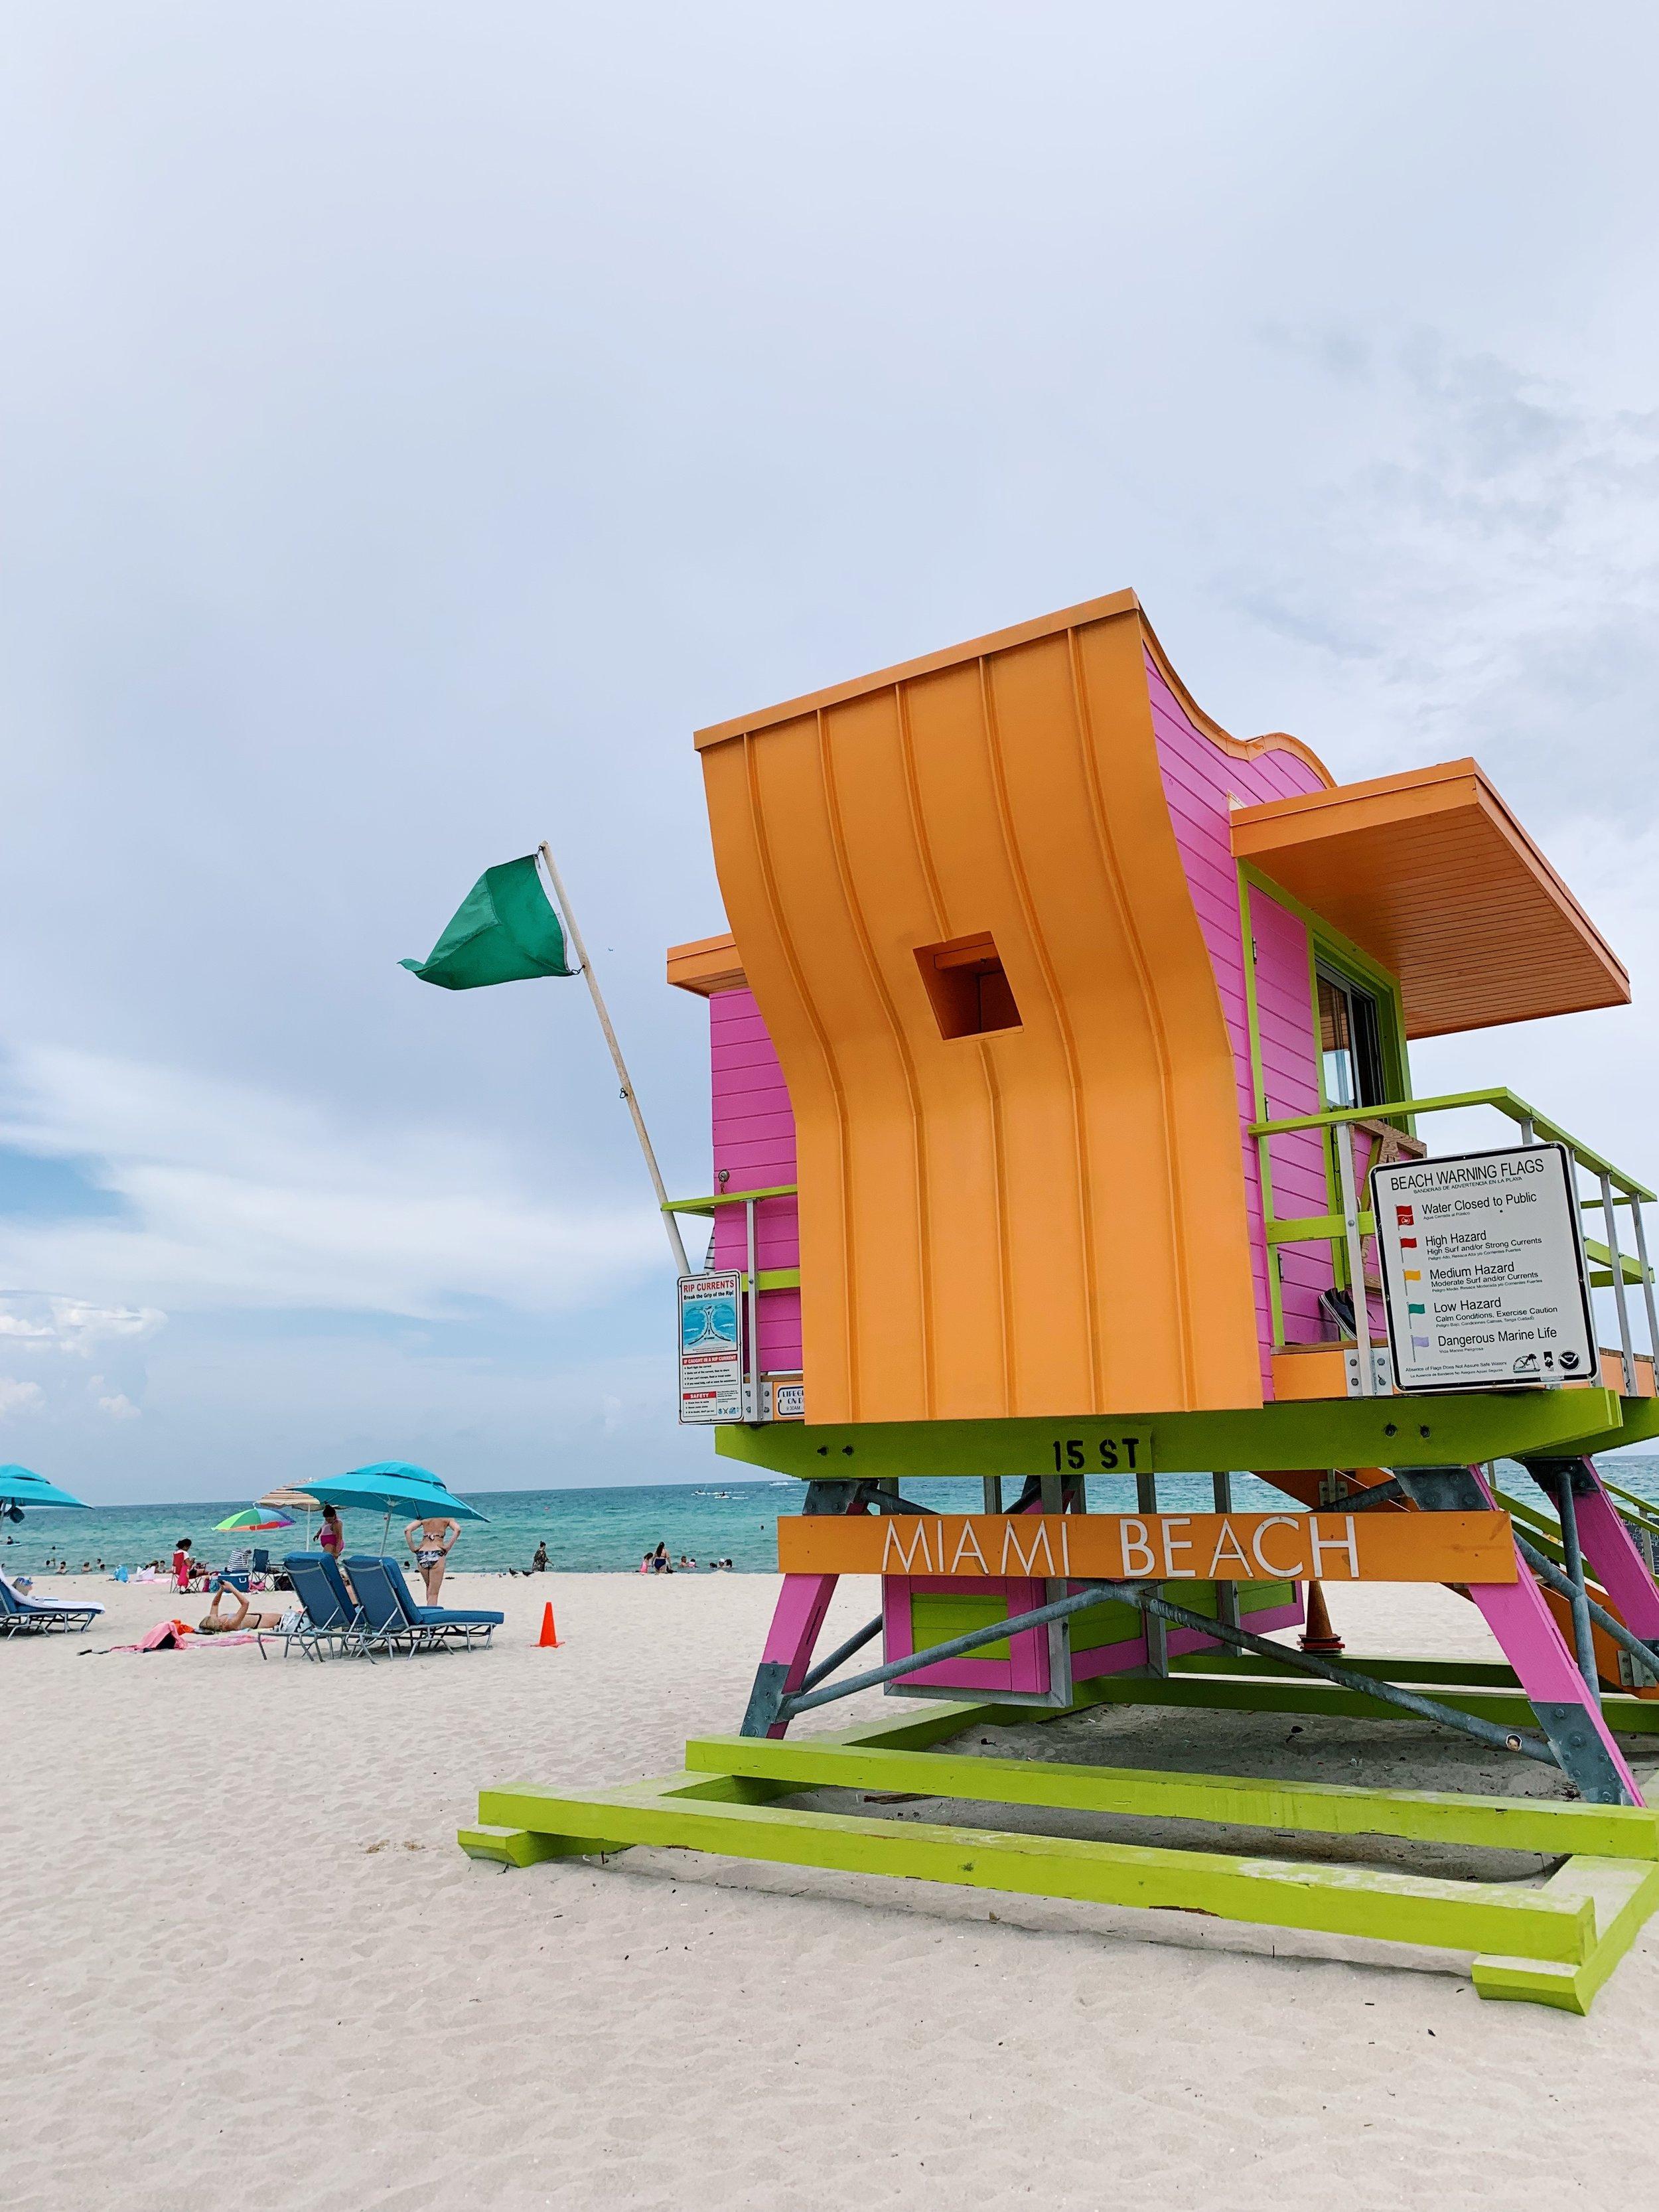 #dreamcolorscheme, lifeguard tower edition | Miami Beach